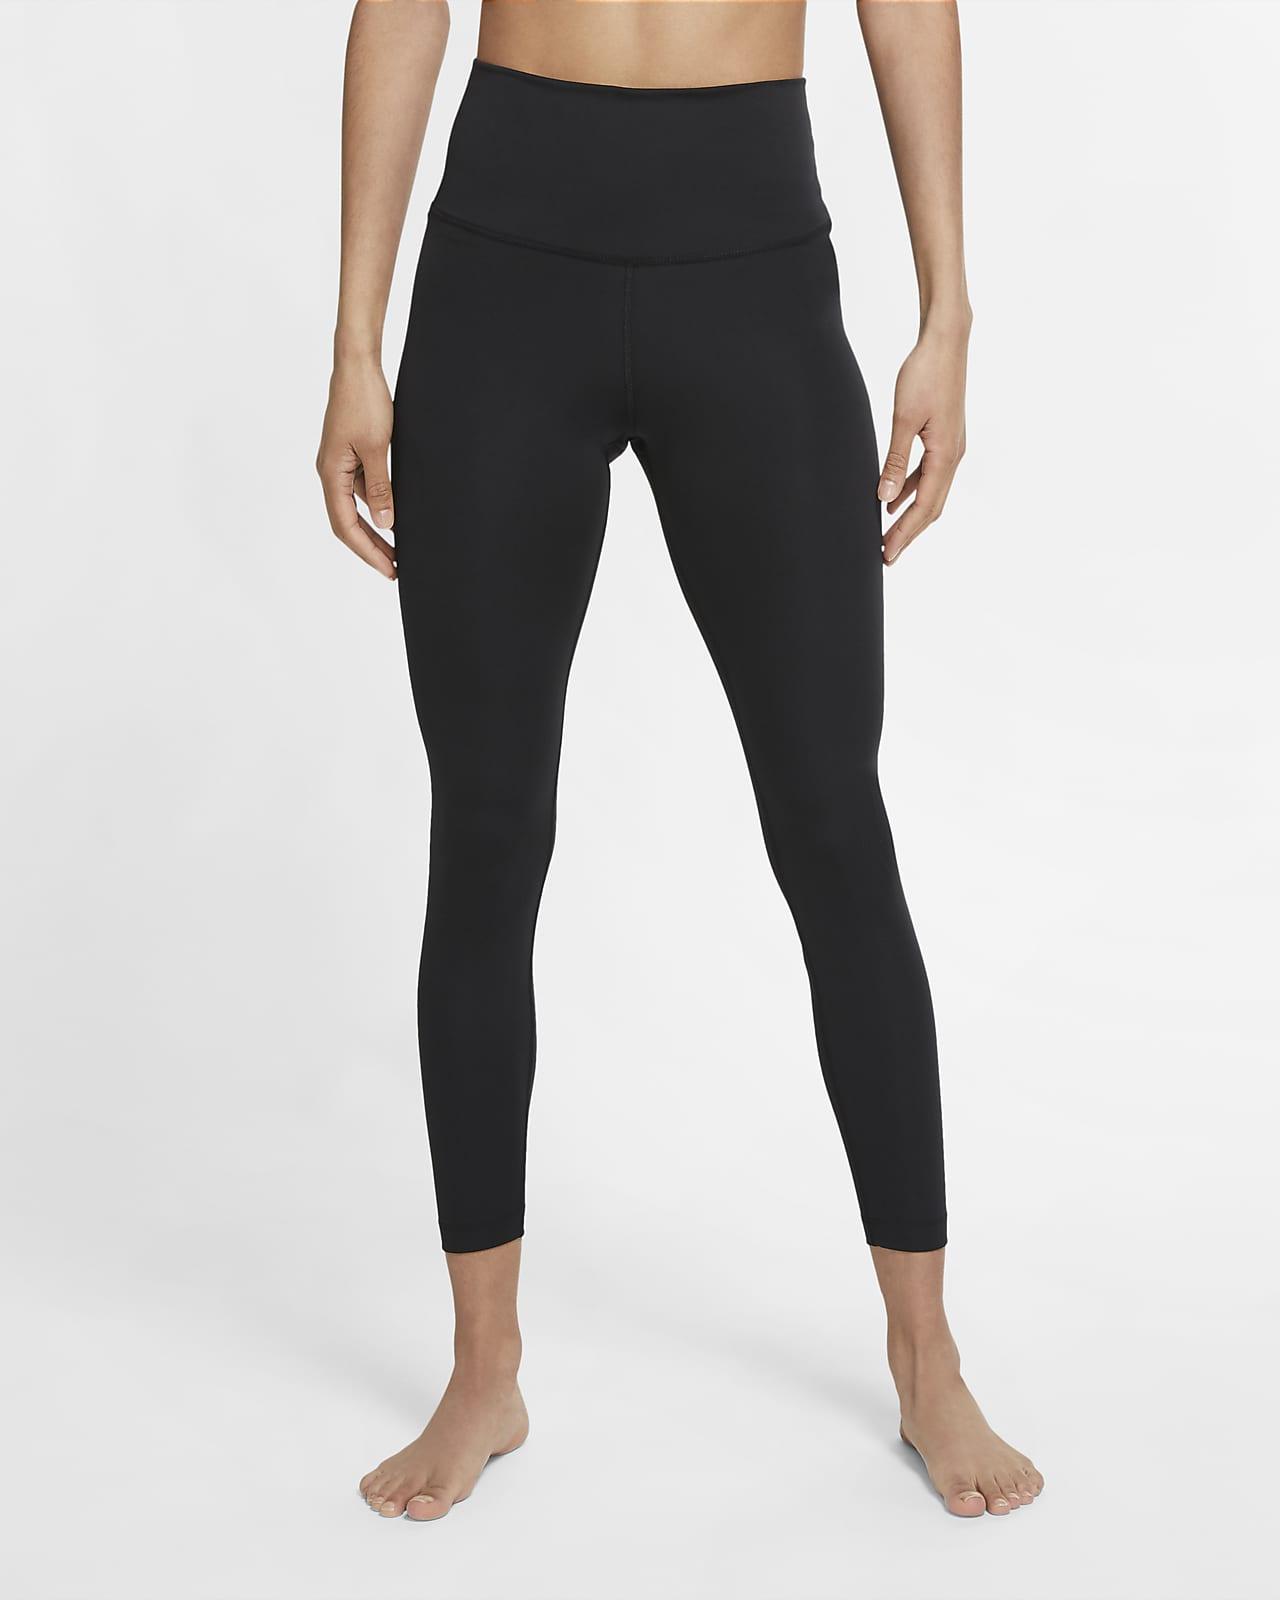 Leggings de cintura alta 7/8 para mujer Nike Yoga